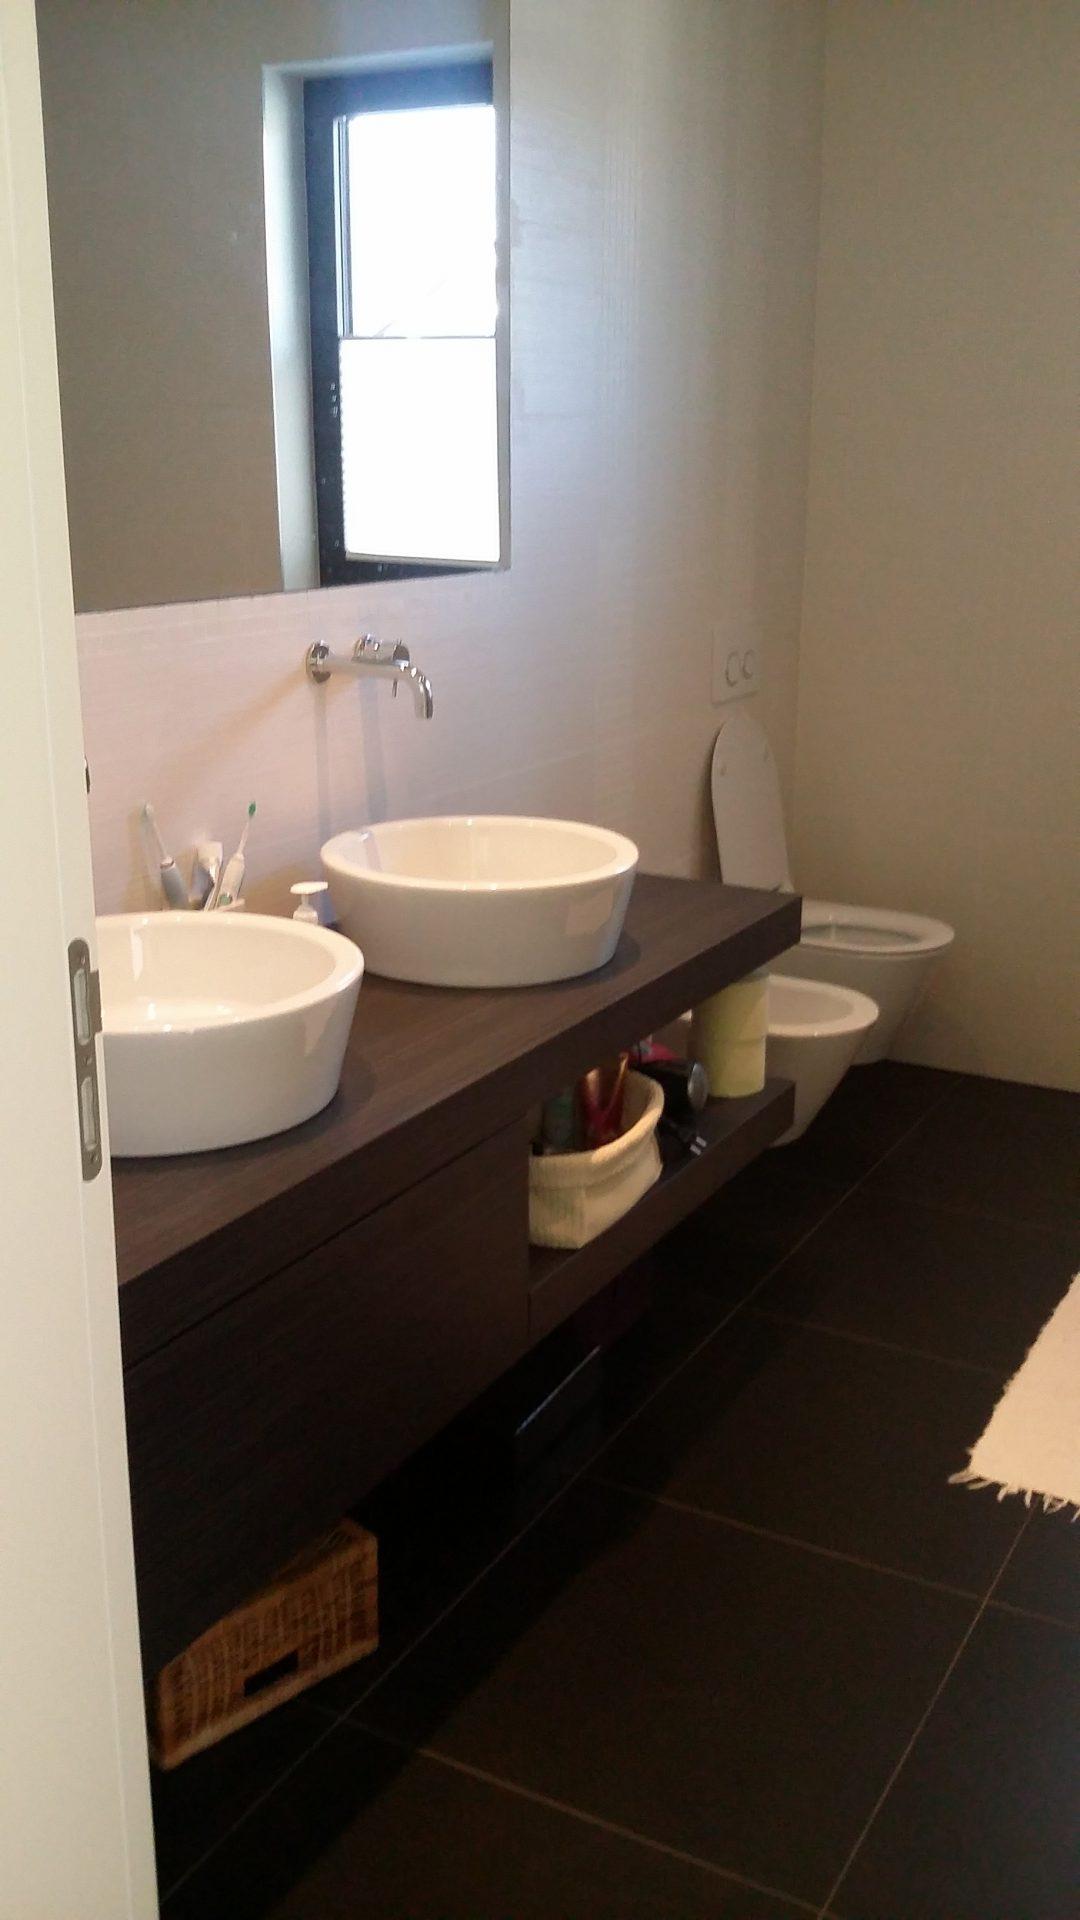 Polaganje ploščic v kopalnici 5 1